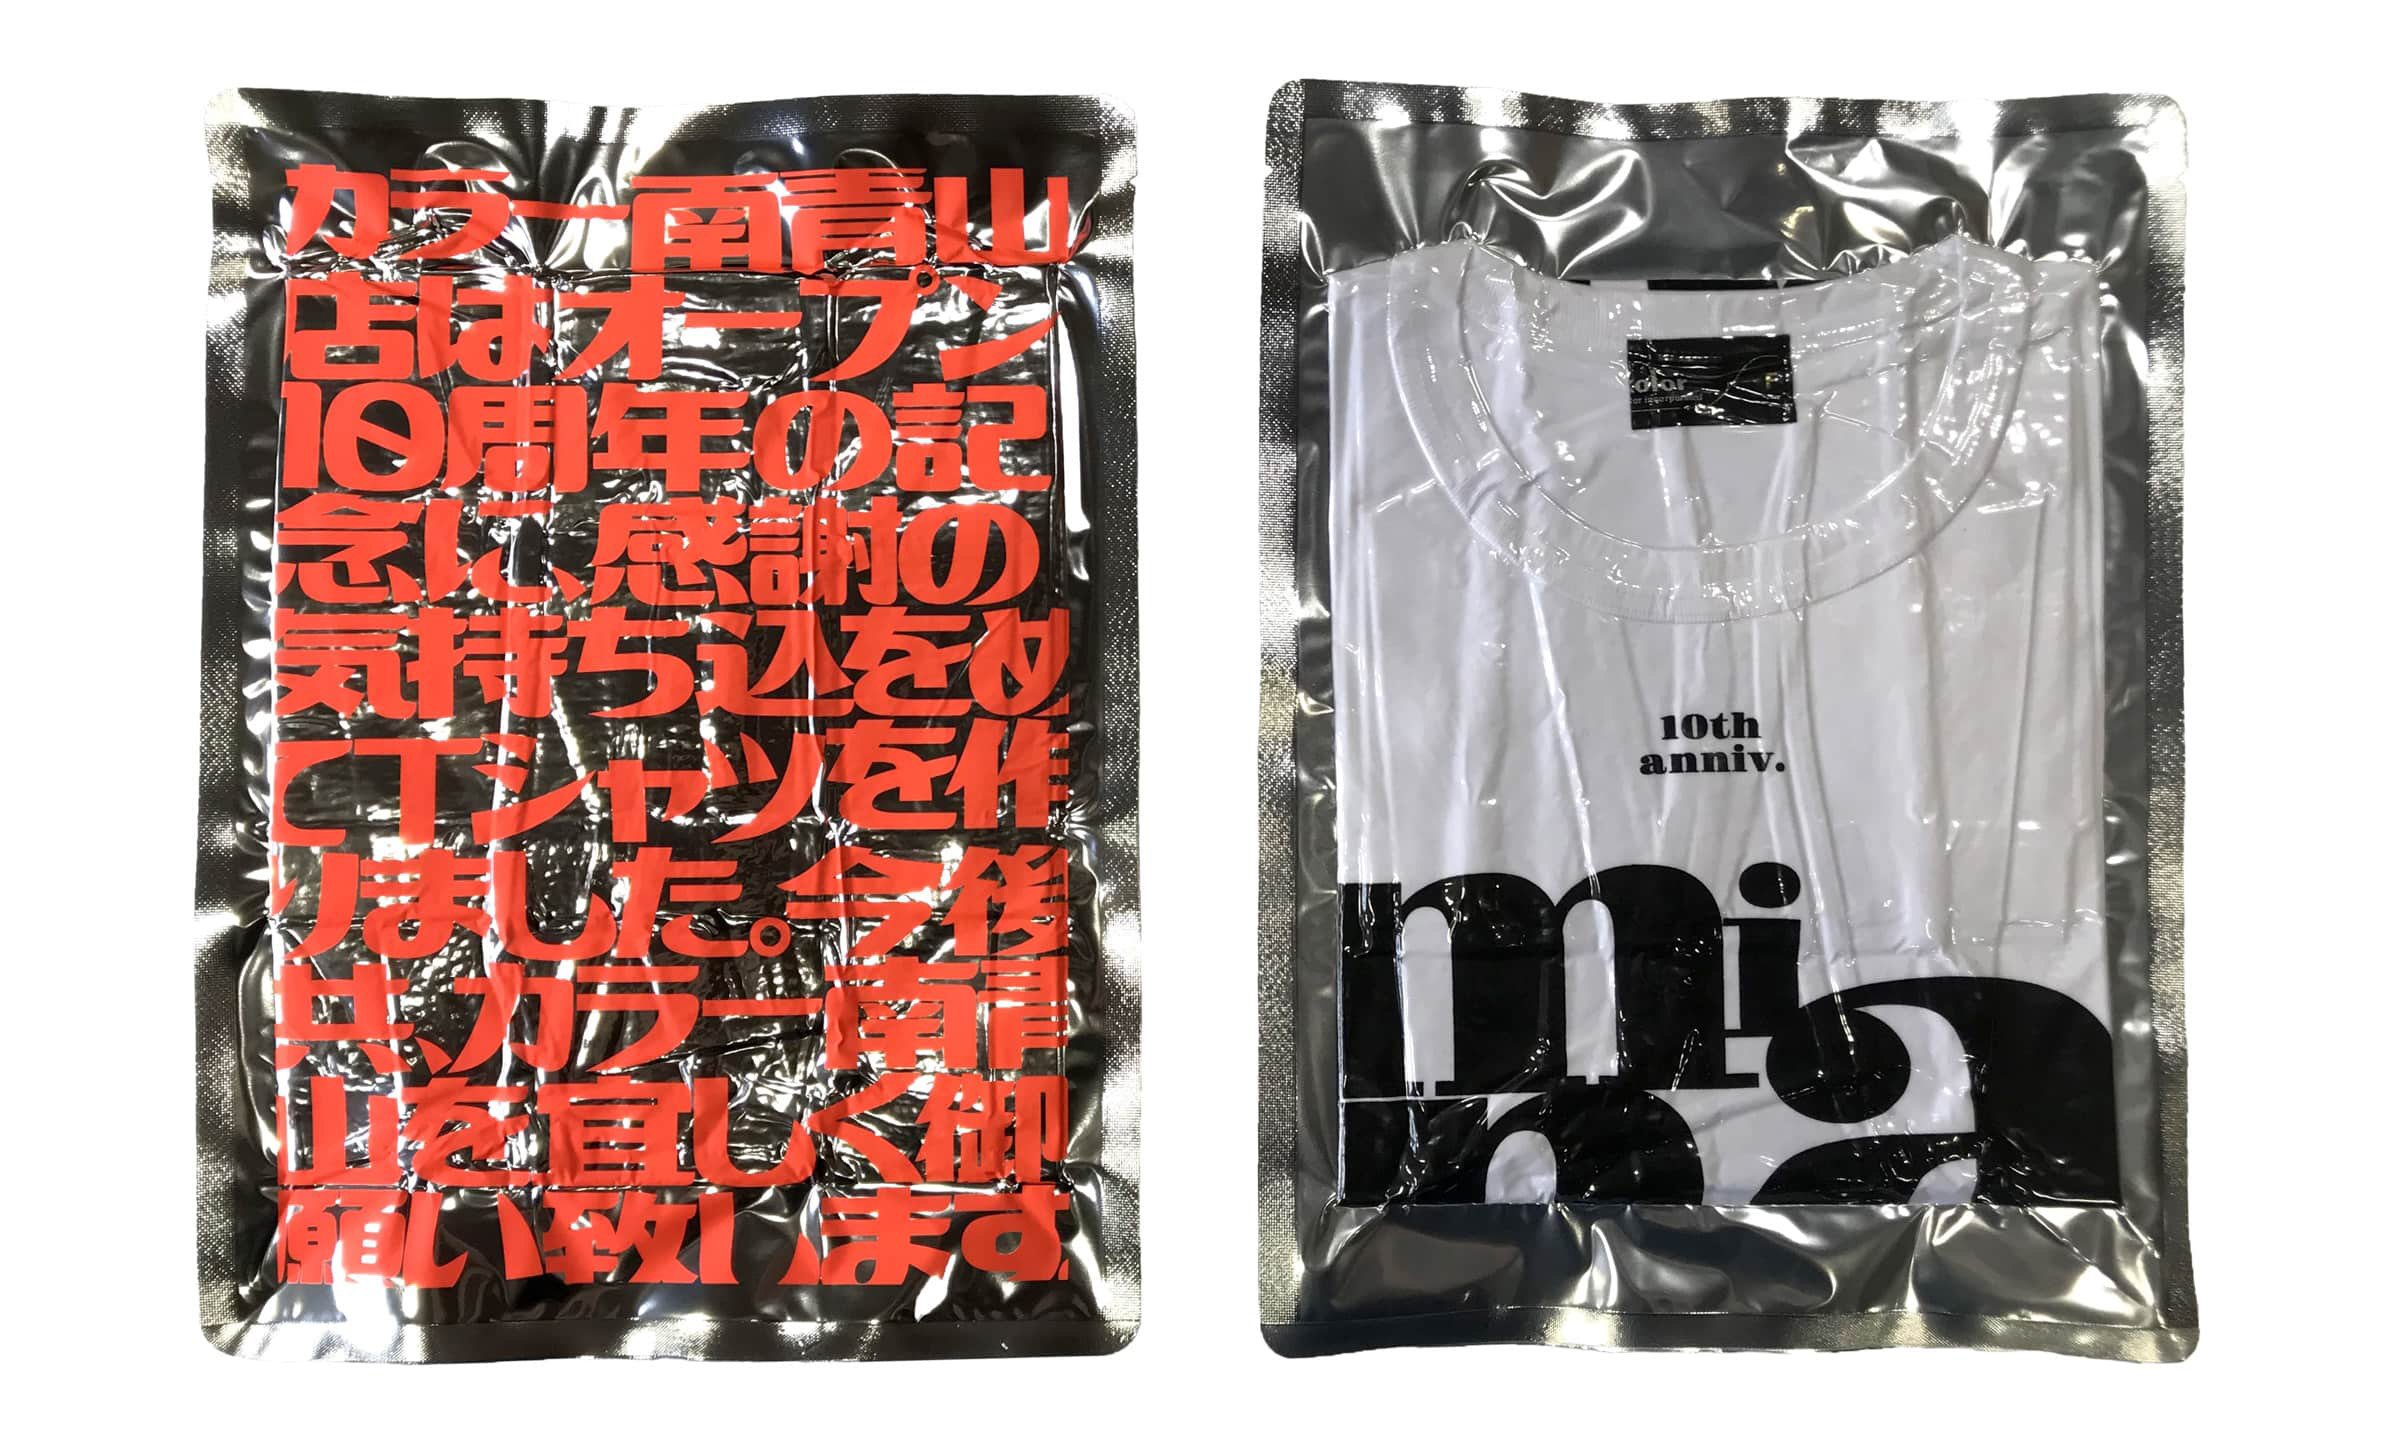 kolor 推出东京旗舰店 10 周年限定系列并与 New Era 合作开发帽款